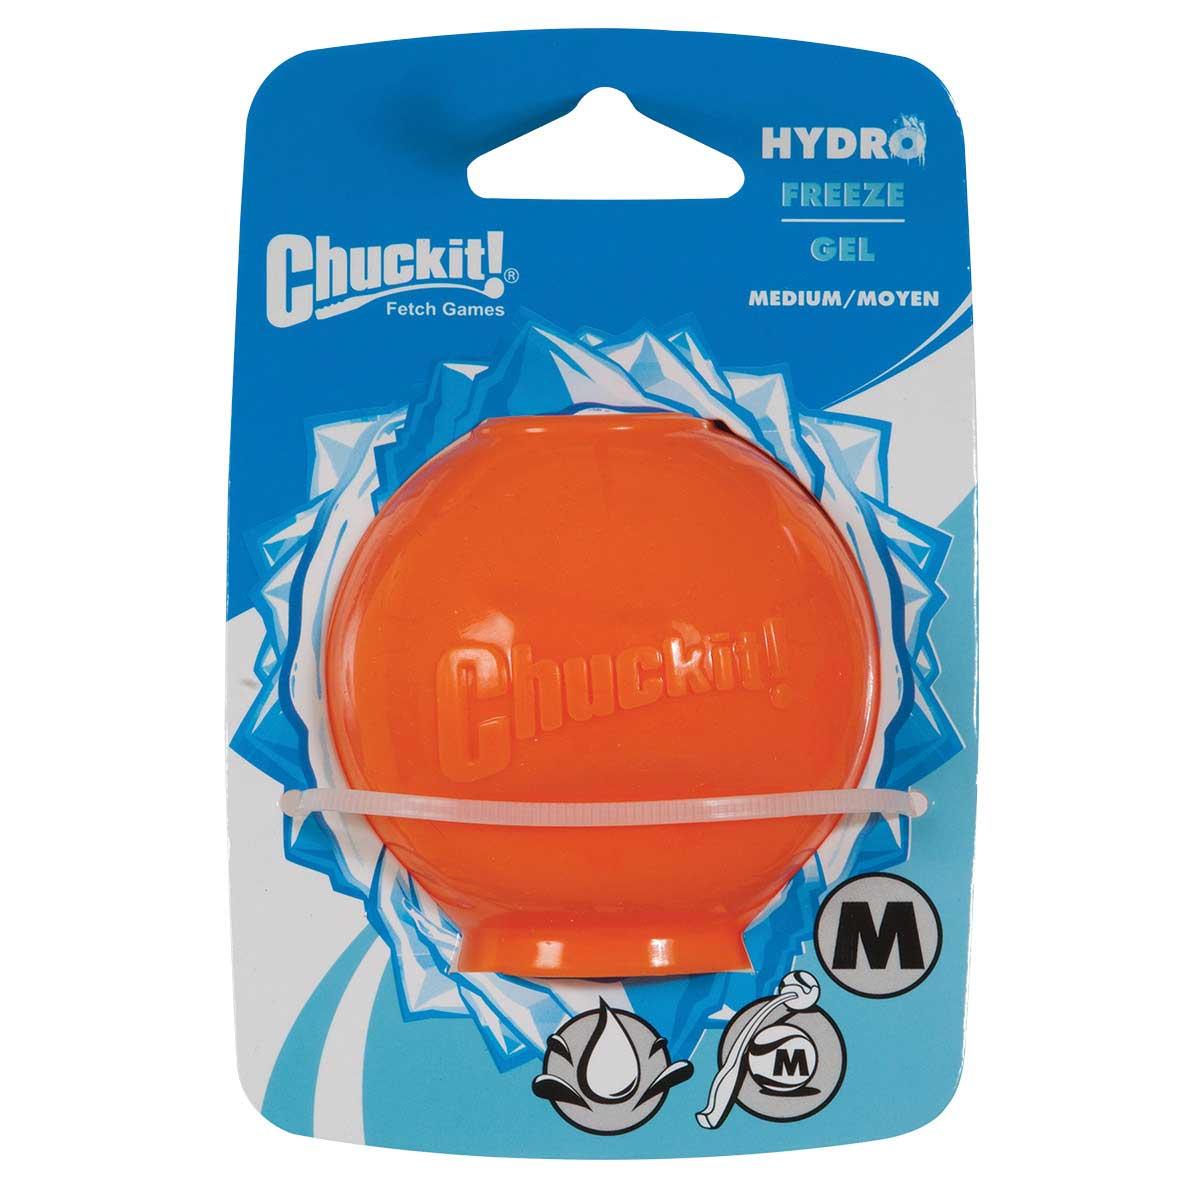 Chuckit! Hydrofreeze Ball - Size Medium